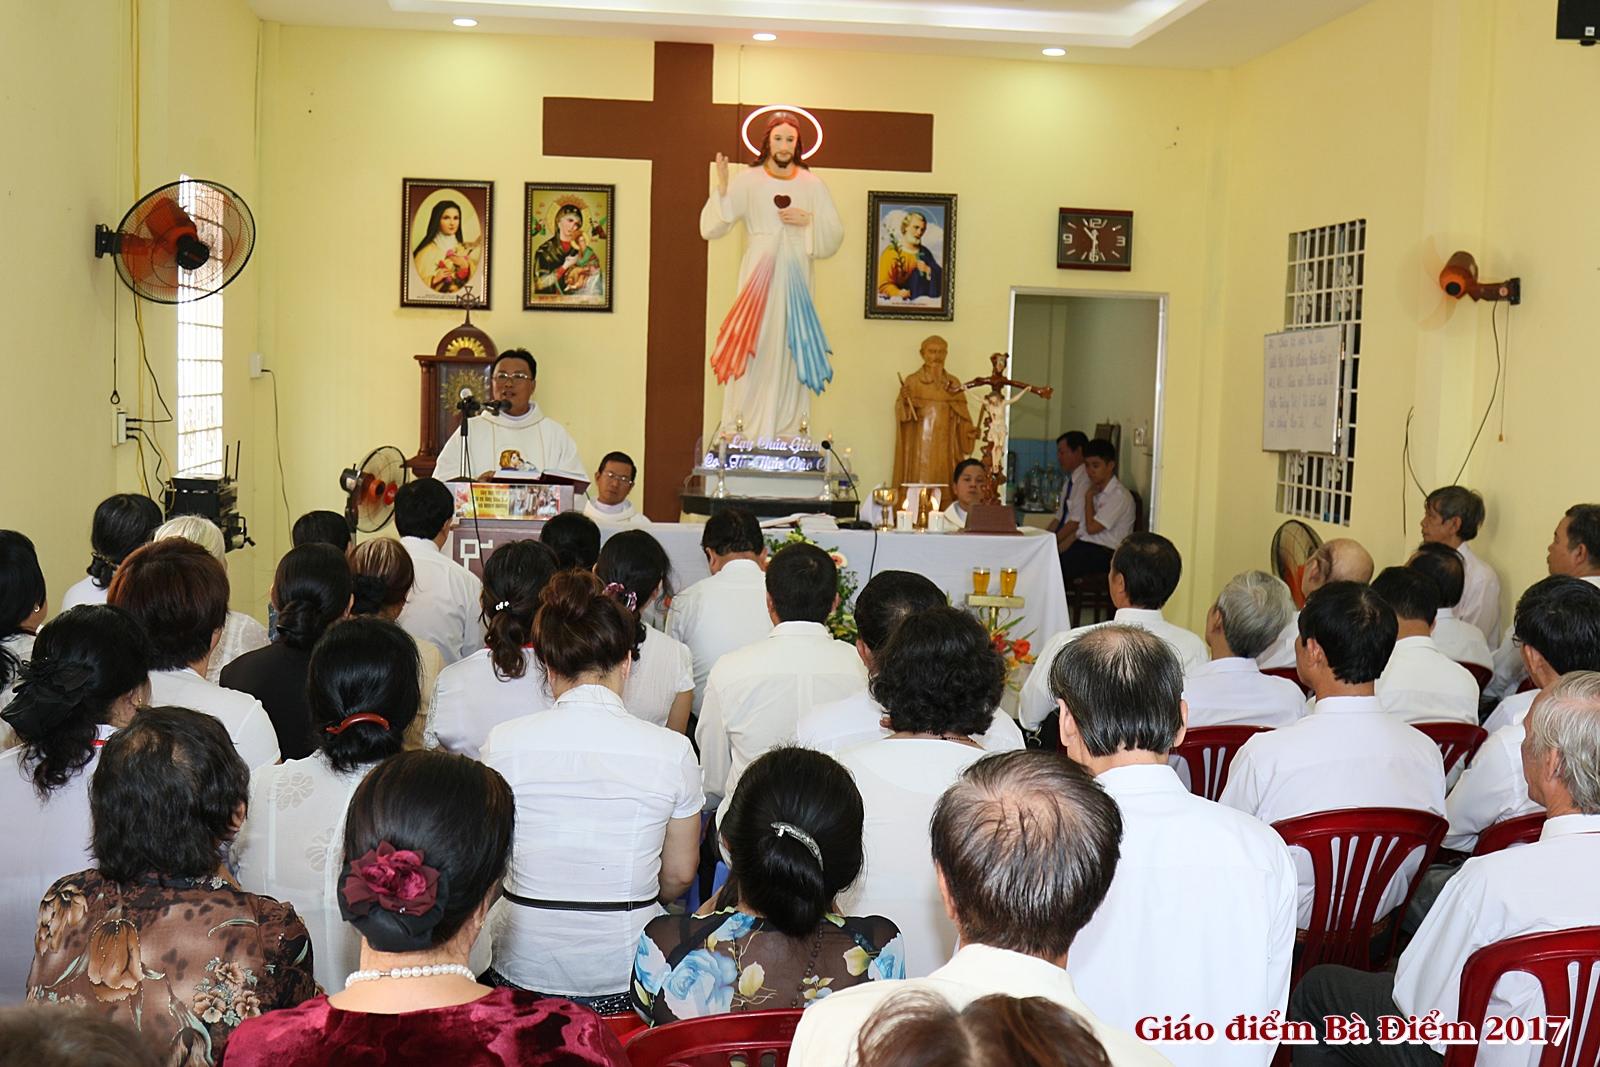 GĐPTTTCG Giáo phận Sài Gòn: Thăm điểm truyền giáo tại giáo khu Têrêsa